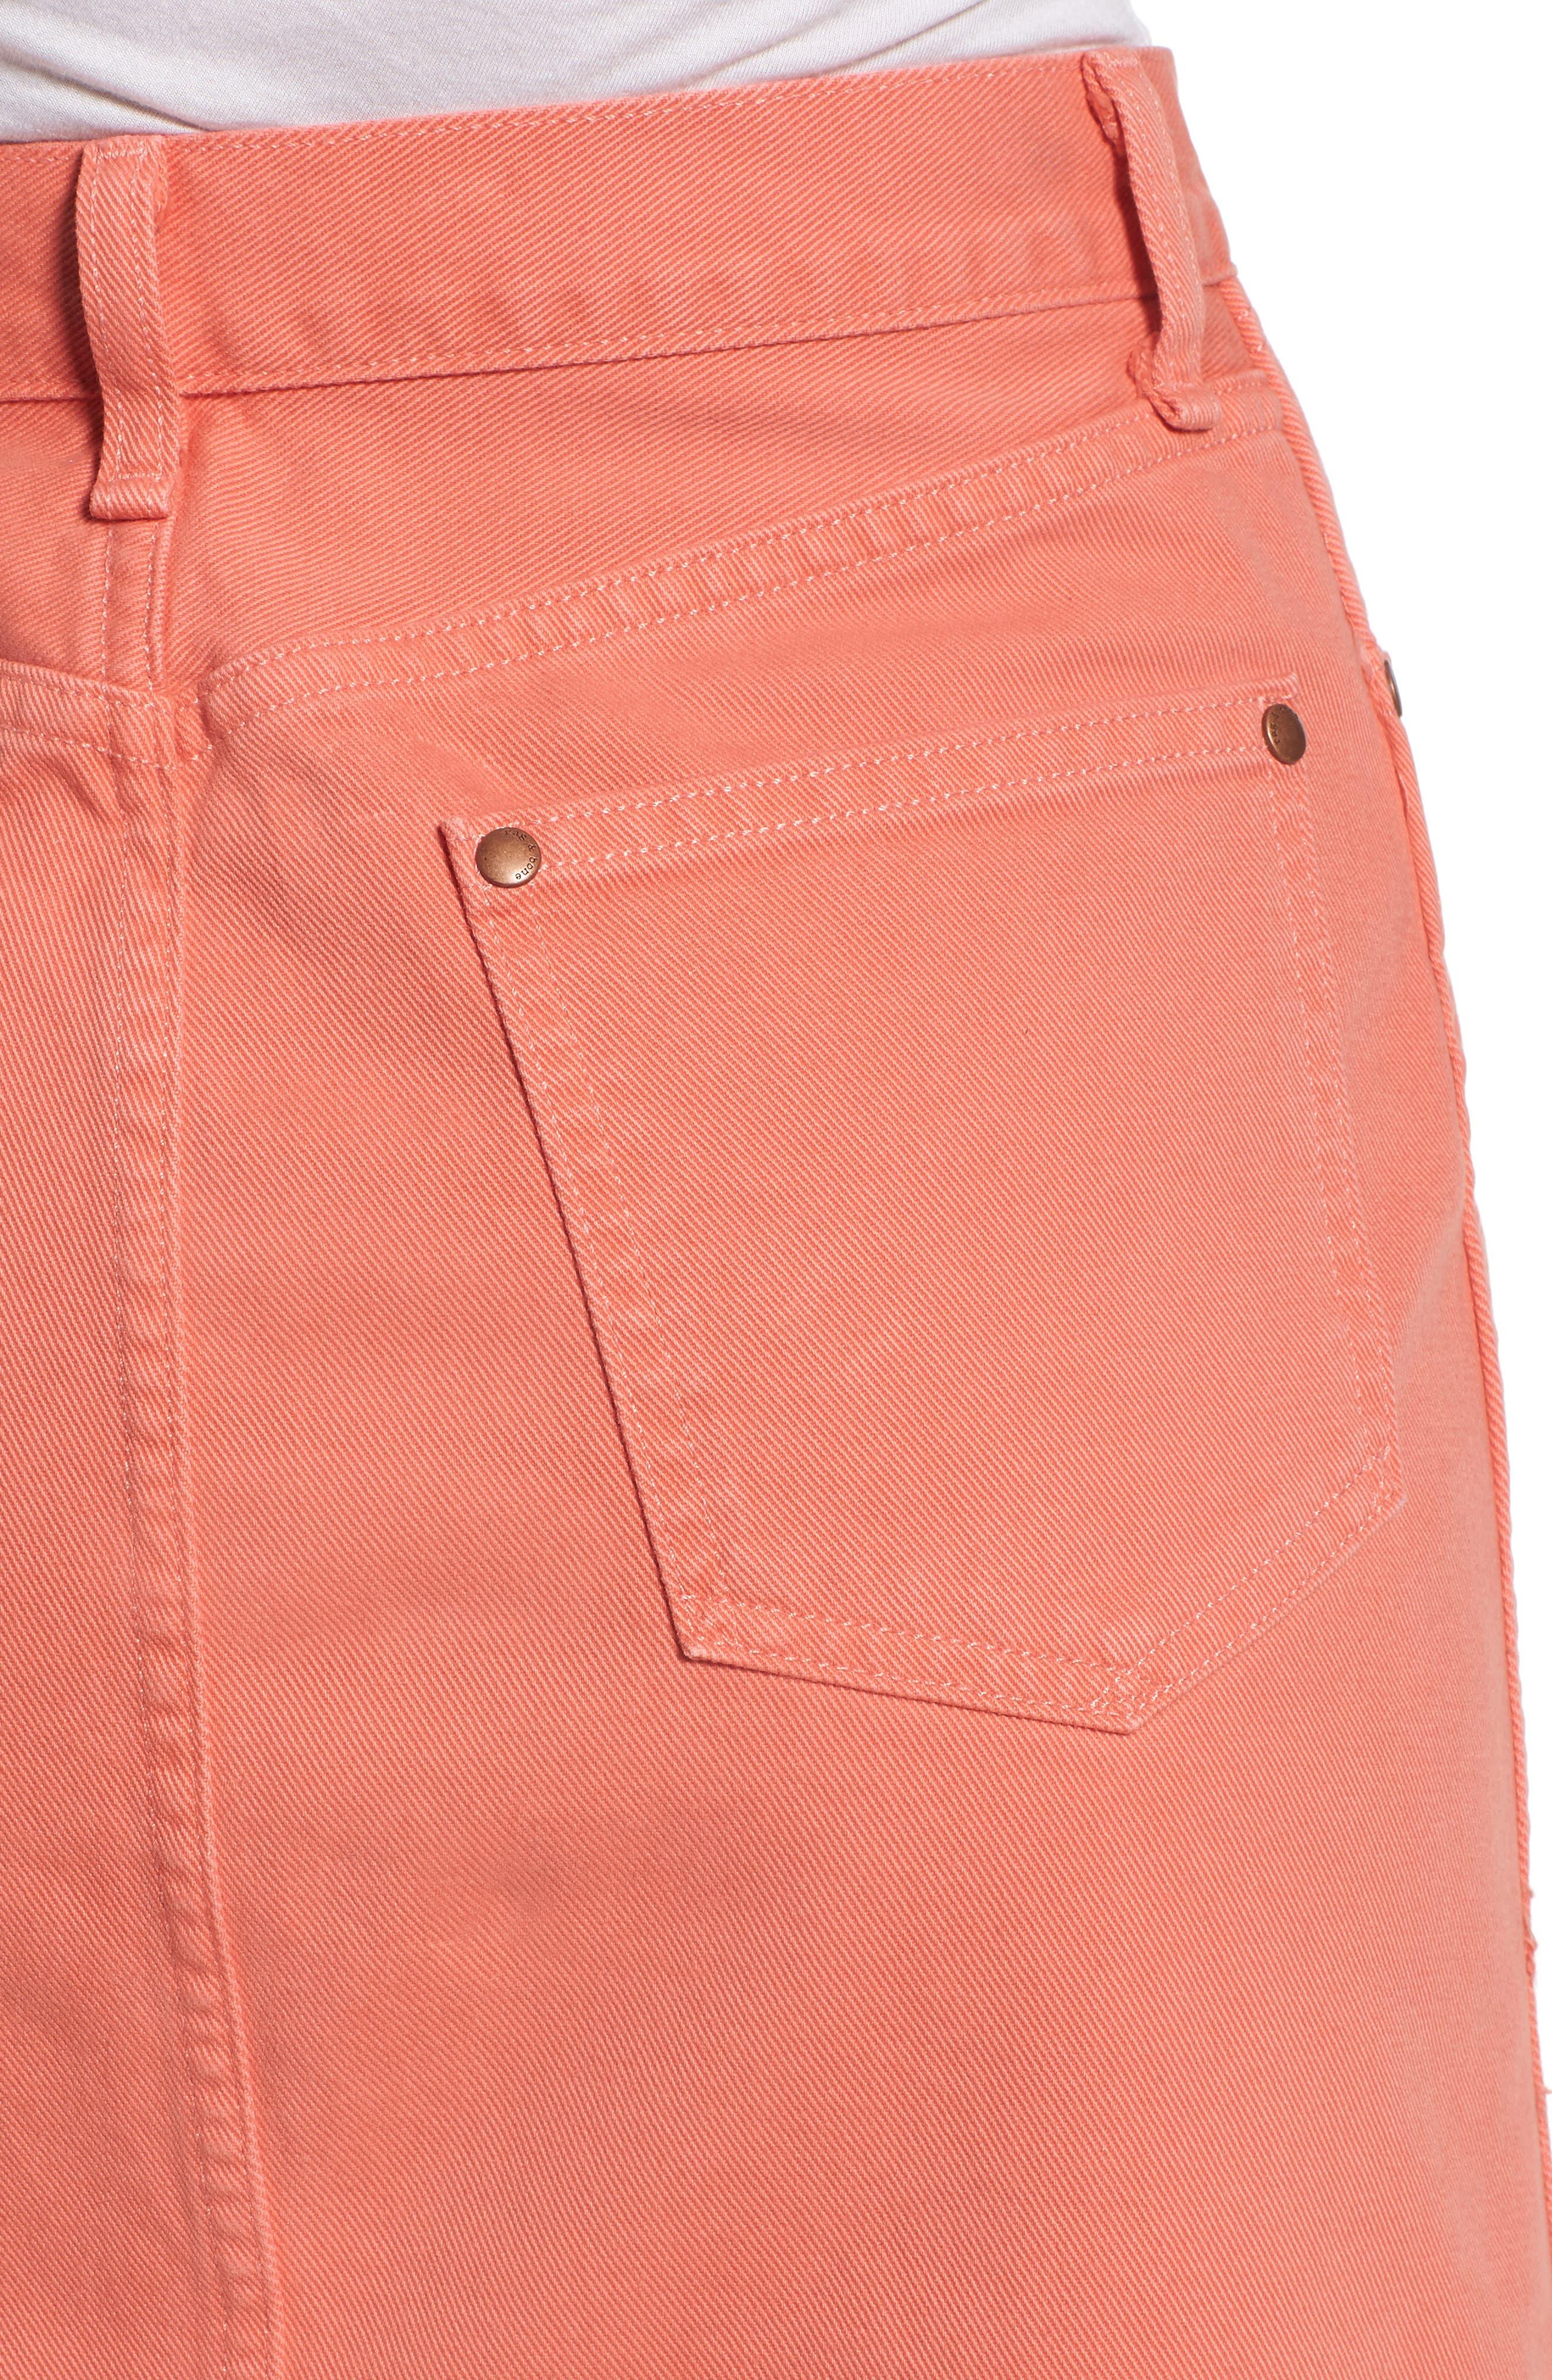 Moss High Waist Denim Miniskirt,                             Alternate thumbnail 4, color,                             Coral Haze